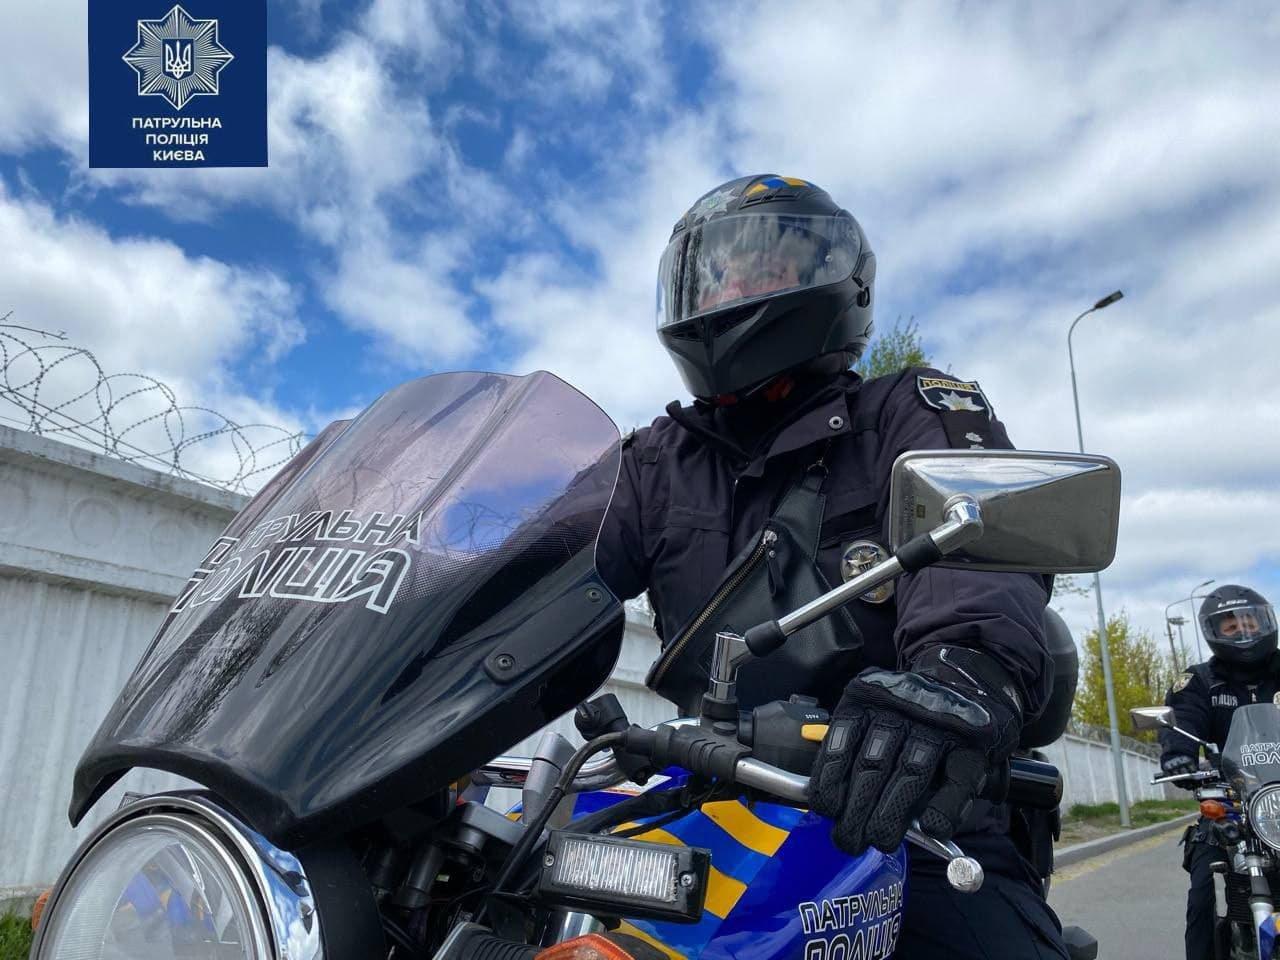 В Киеве начал работать полицейский мотопатруль, - ФОТО, Фото: Патрульная полиция Киева